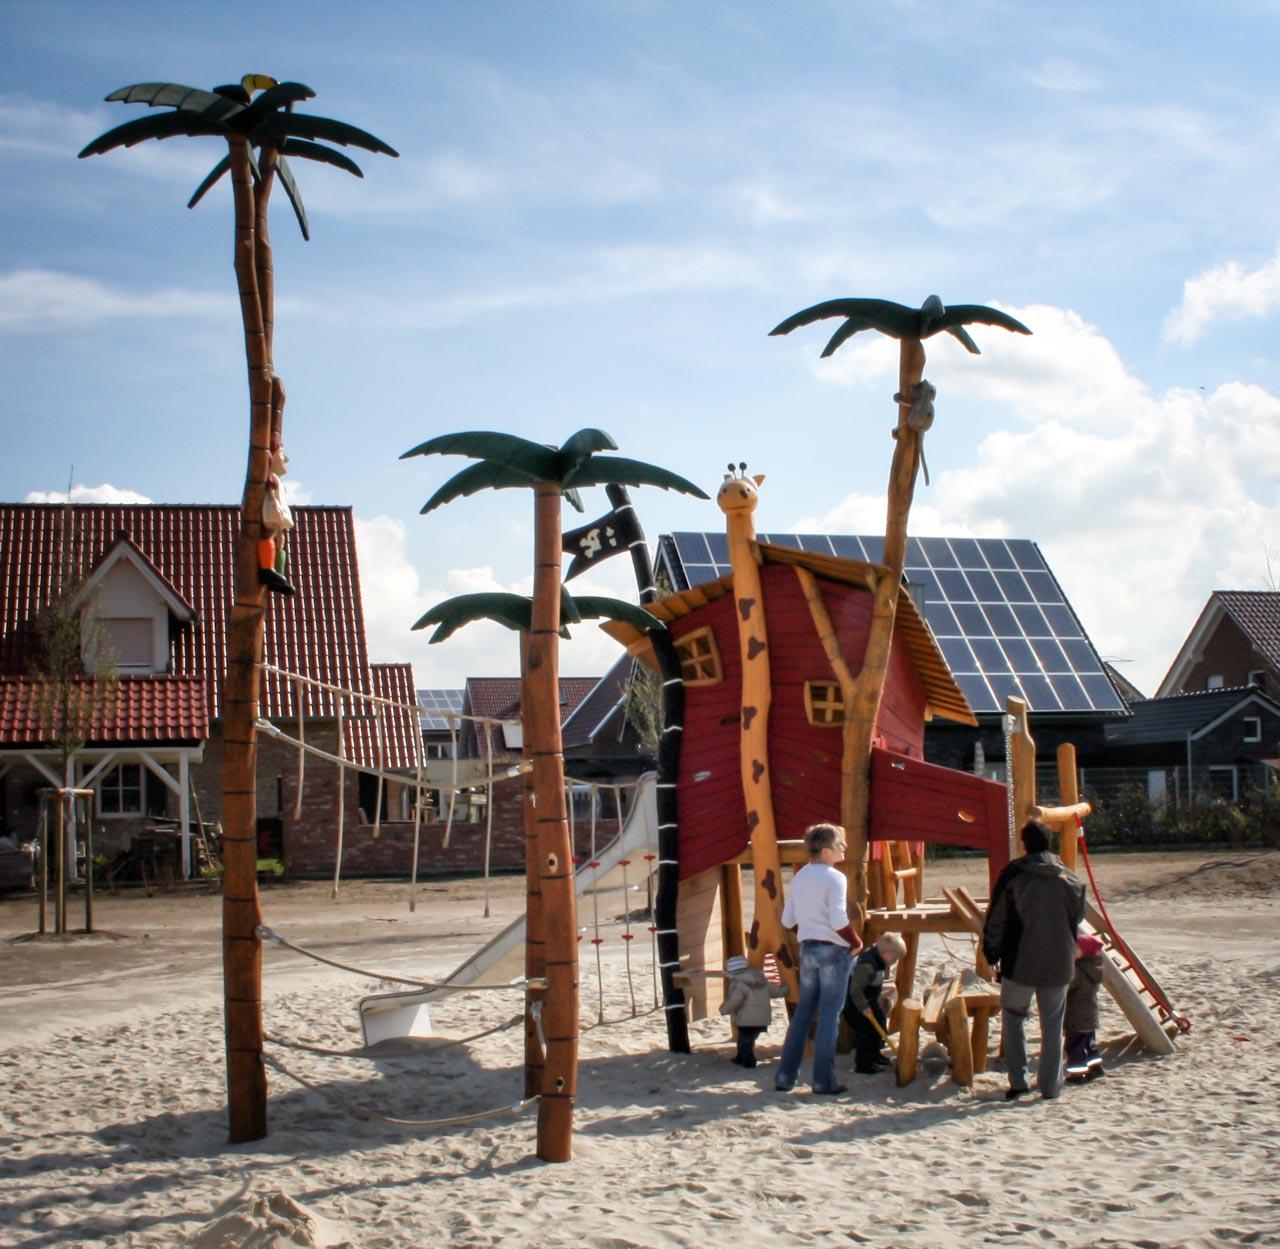 A 157 Spielplatz Abenteuerland